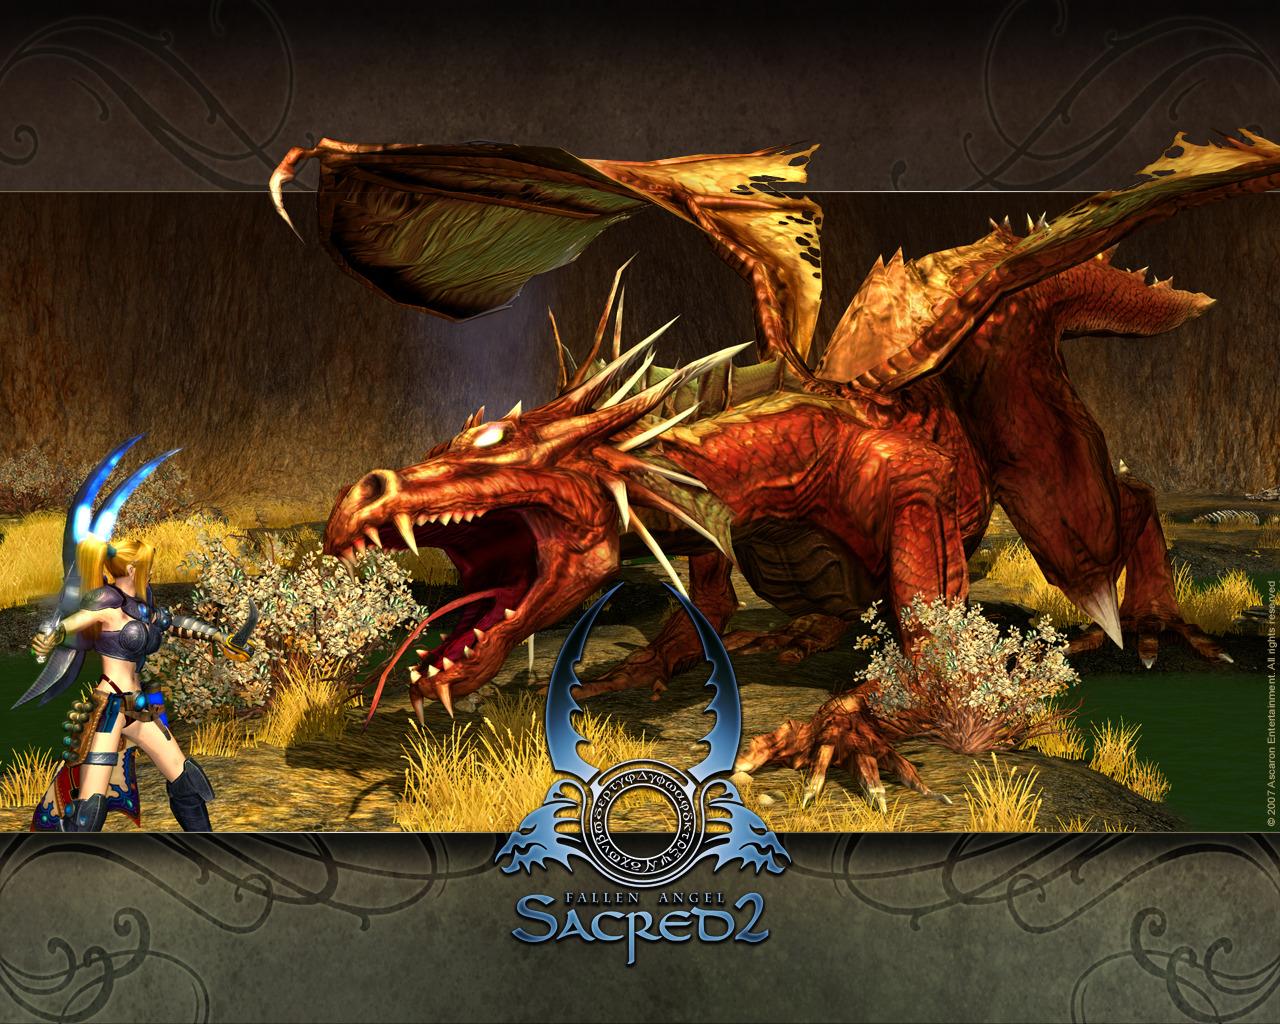 sacred dragon sacred 2 fallen angel wallpaper sacred dragon wallpaper 1280x1024